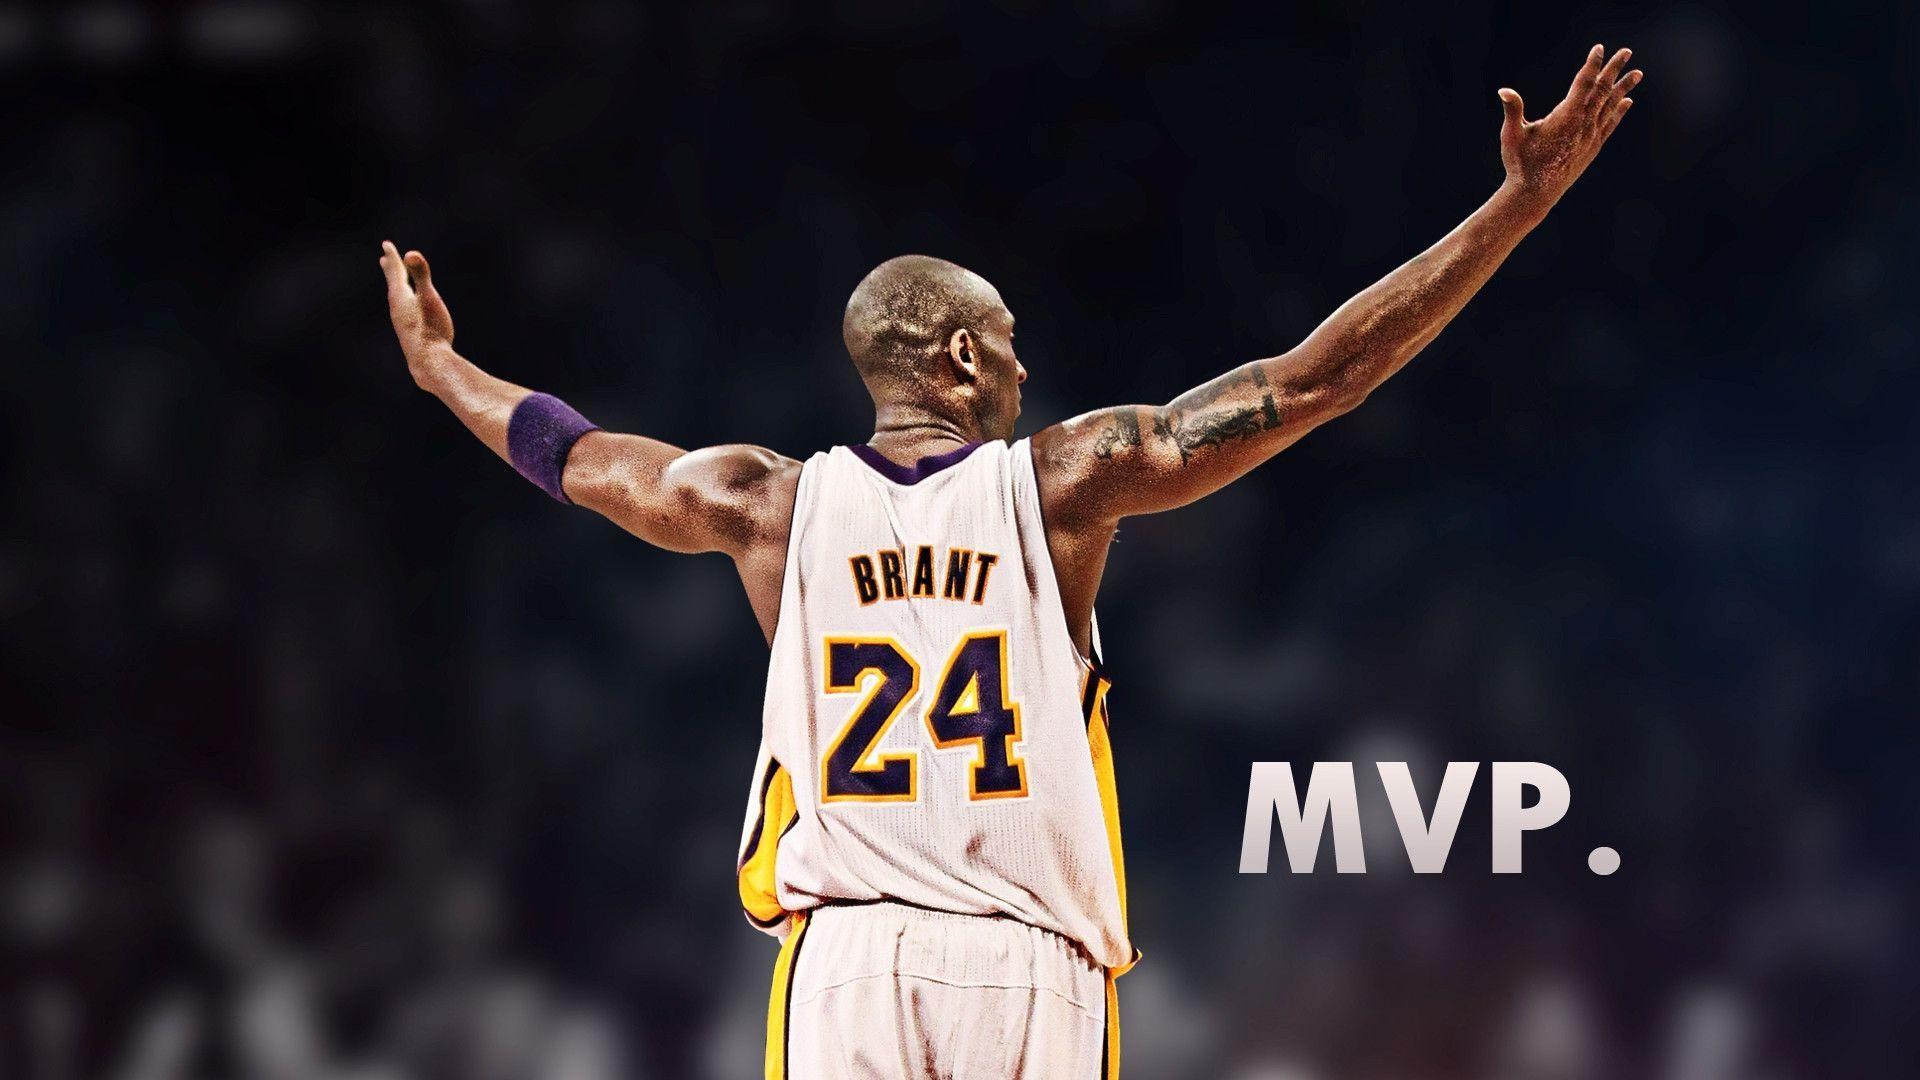 Kobe Bryant Black Mamba Wallpaper Hd Kobe Bryant Pemain Bola